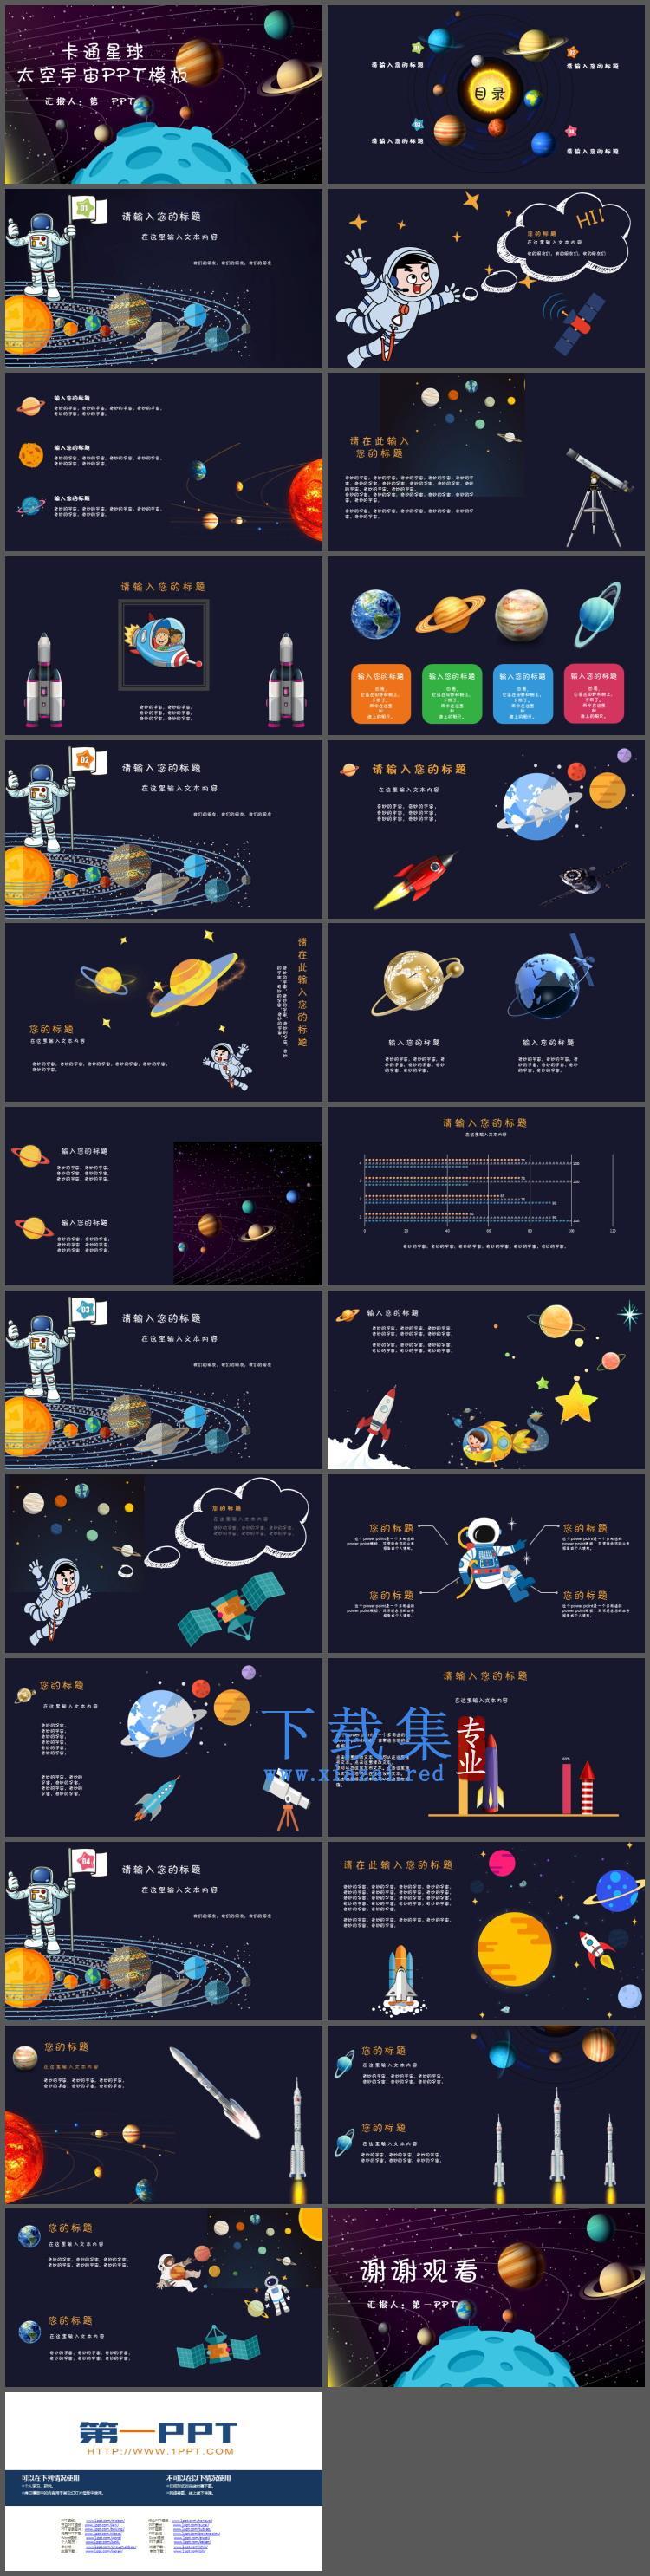 卡通宇宙星球背景的太空主题PPT模板  第2张